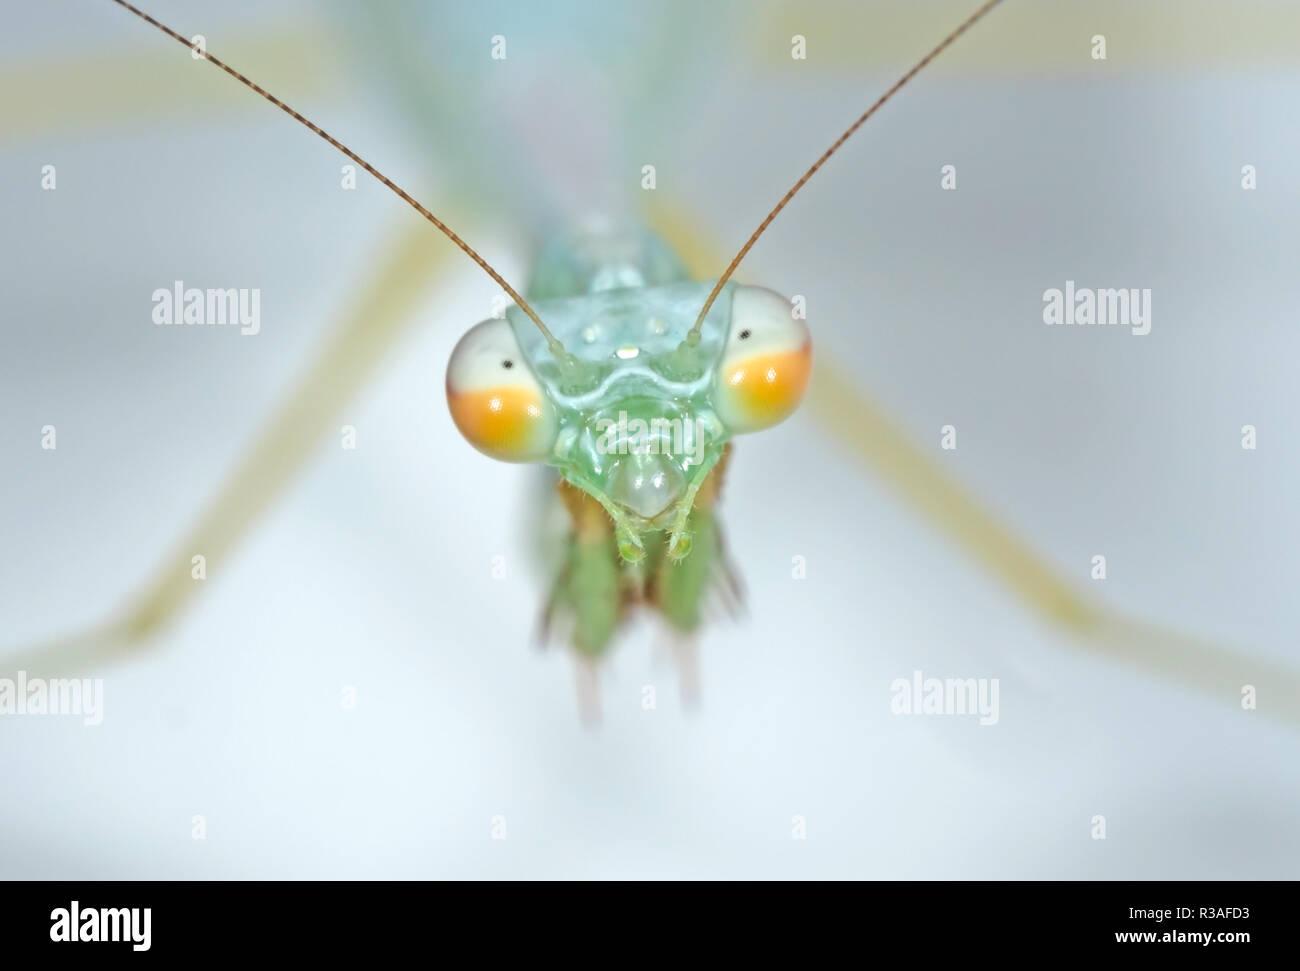 Makrofotografie der Leiter der Gottesanbeterin isoliert auf Hintergrund Stockbild